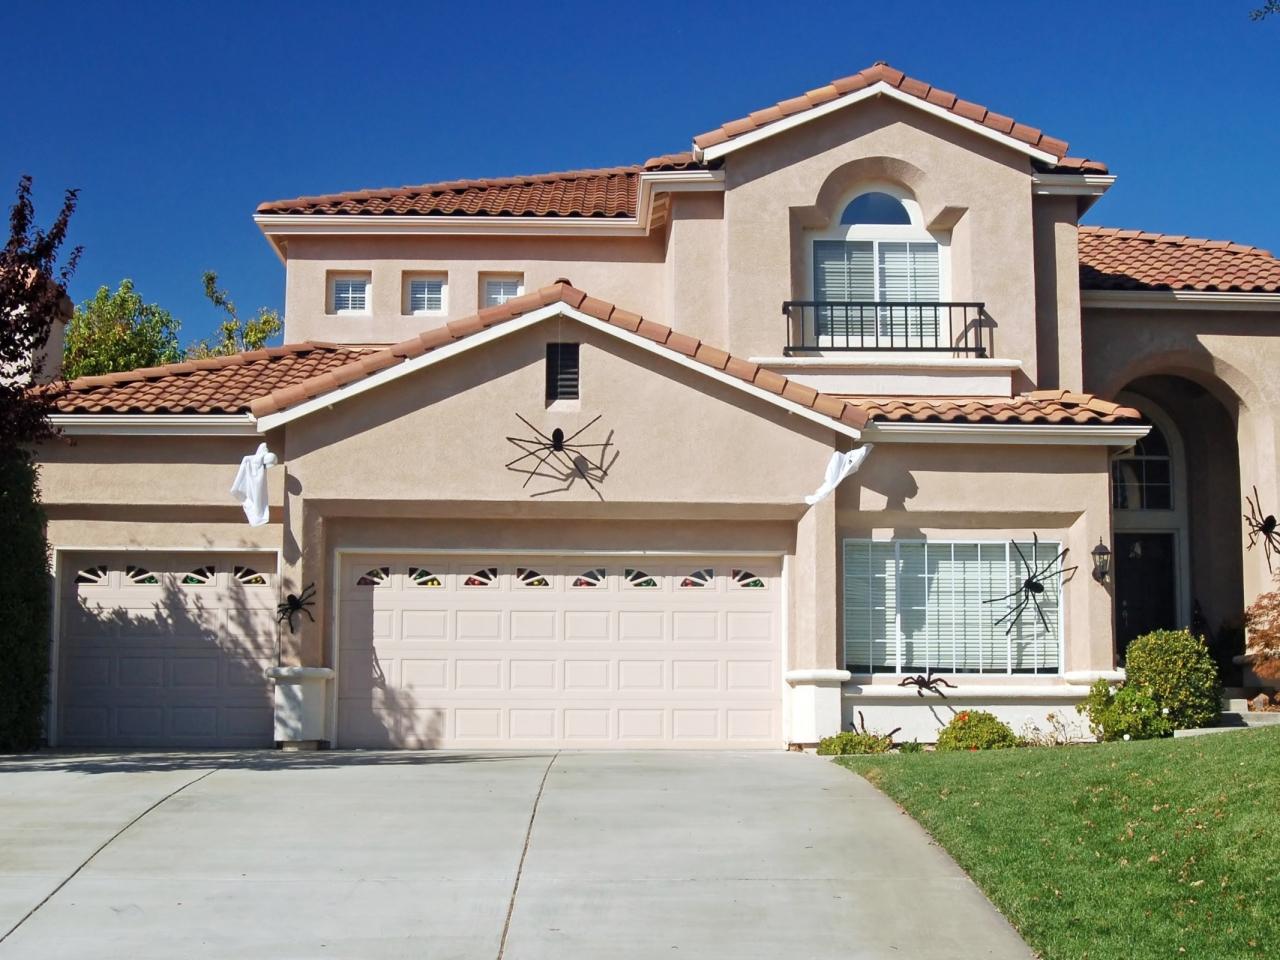 Modelos de casas americanas hd 1280x960 imagenes - Casas americanas interiores ...